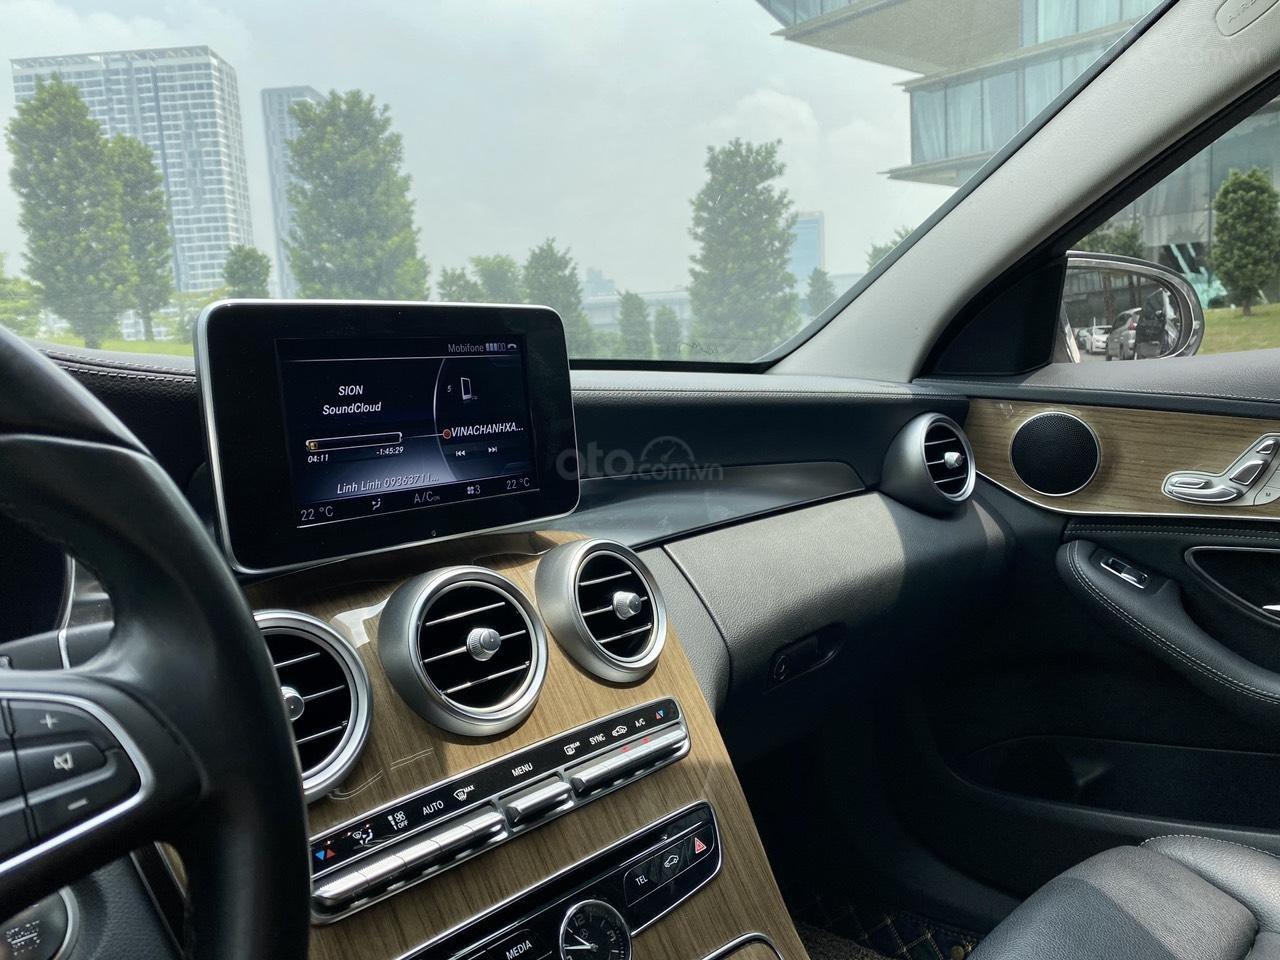 Mercedes C250 SX 2015 model 2016 màu trắng nội thất đen (8)